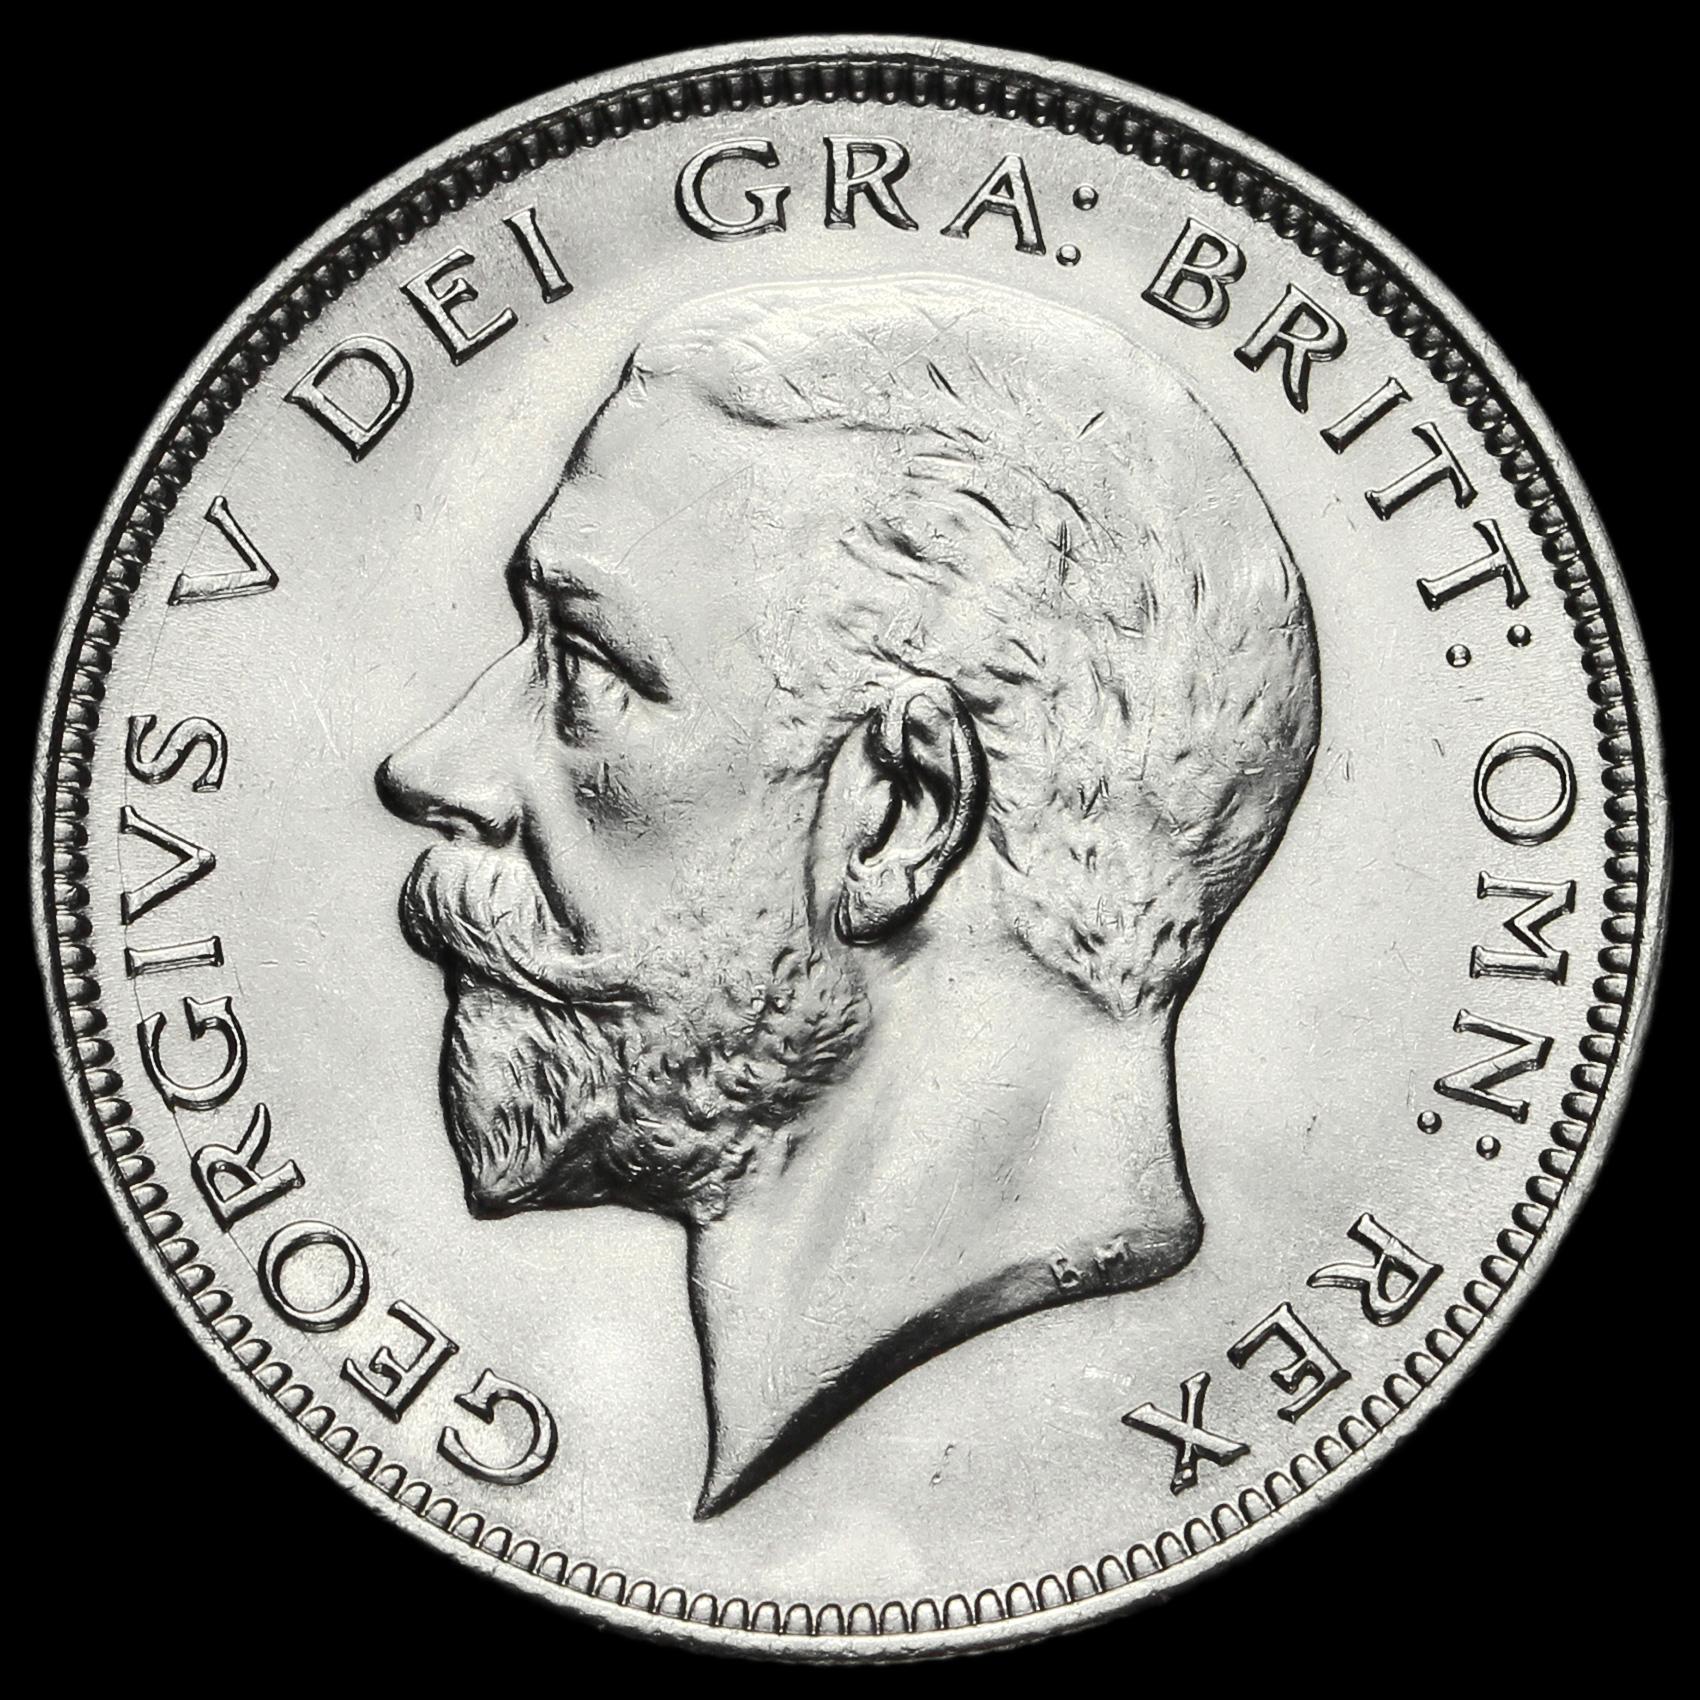 gb classic coins uk